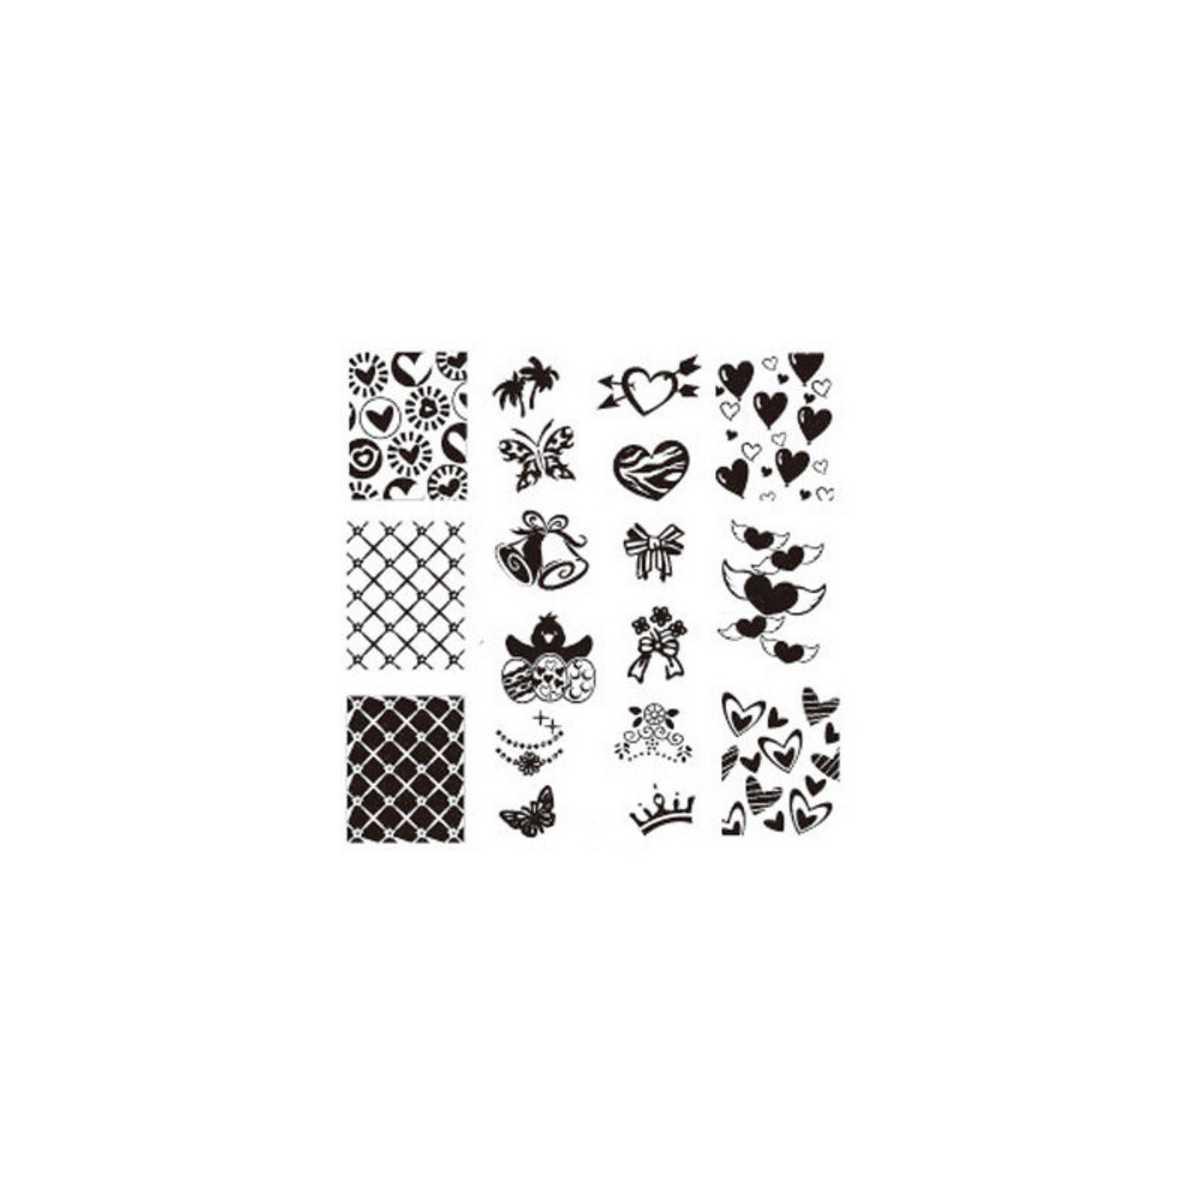 https://www.kit-manucure.com/1007-thickbox_default/plaque-de-stamping-coeur-cœur-avec-des-ailes-cloche-de-pâques-palmiers-et-nœud-.jpg